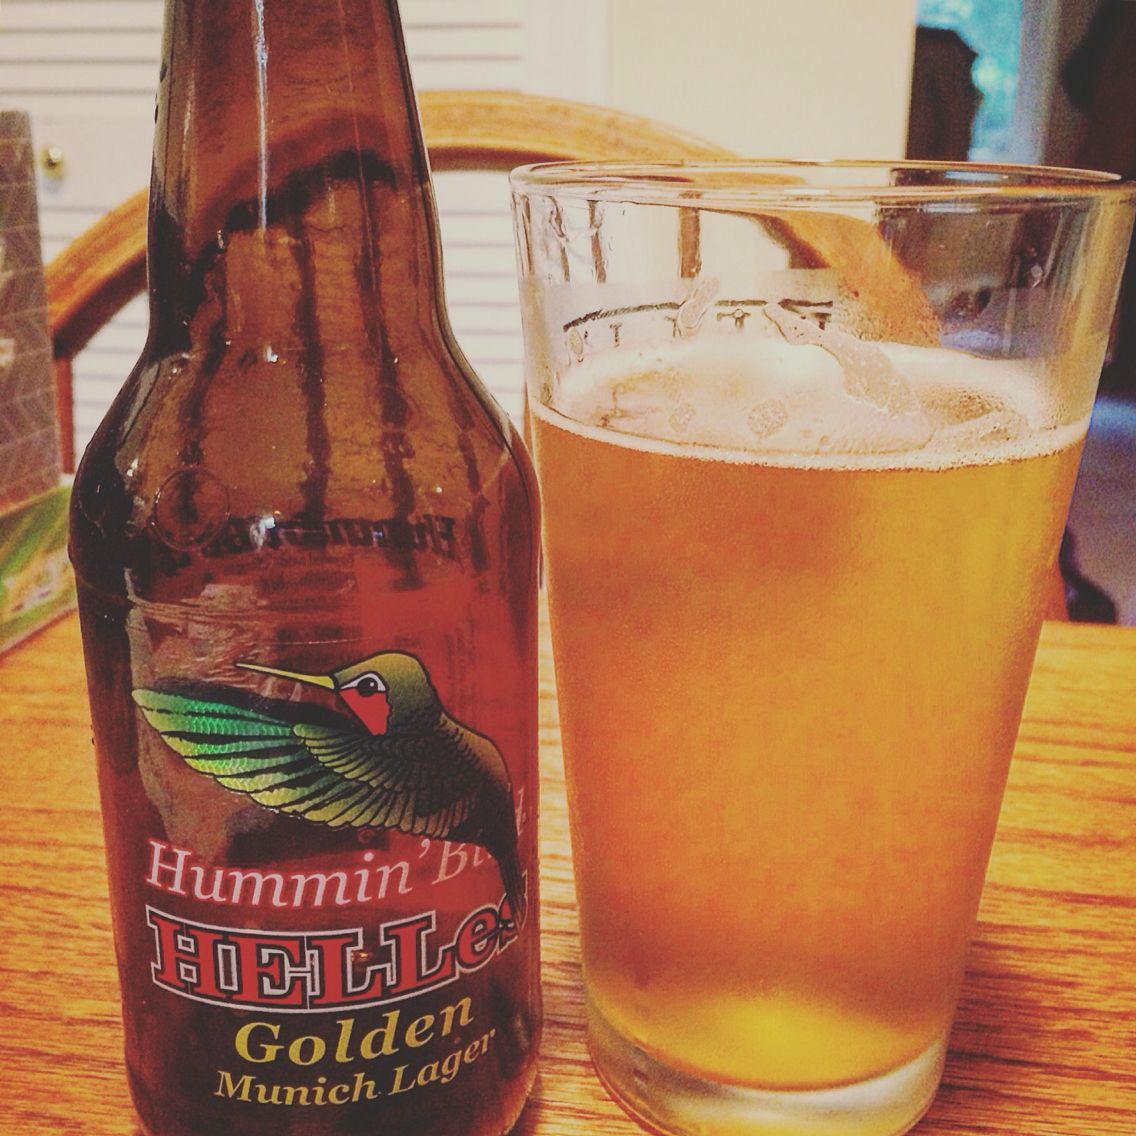 Red Oak Brewery Hummin' Bird Helles Golden Munich Lager